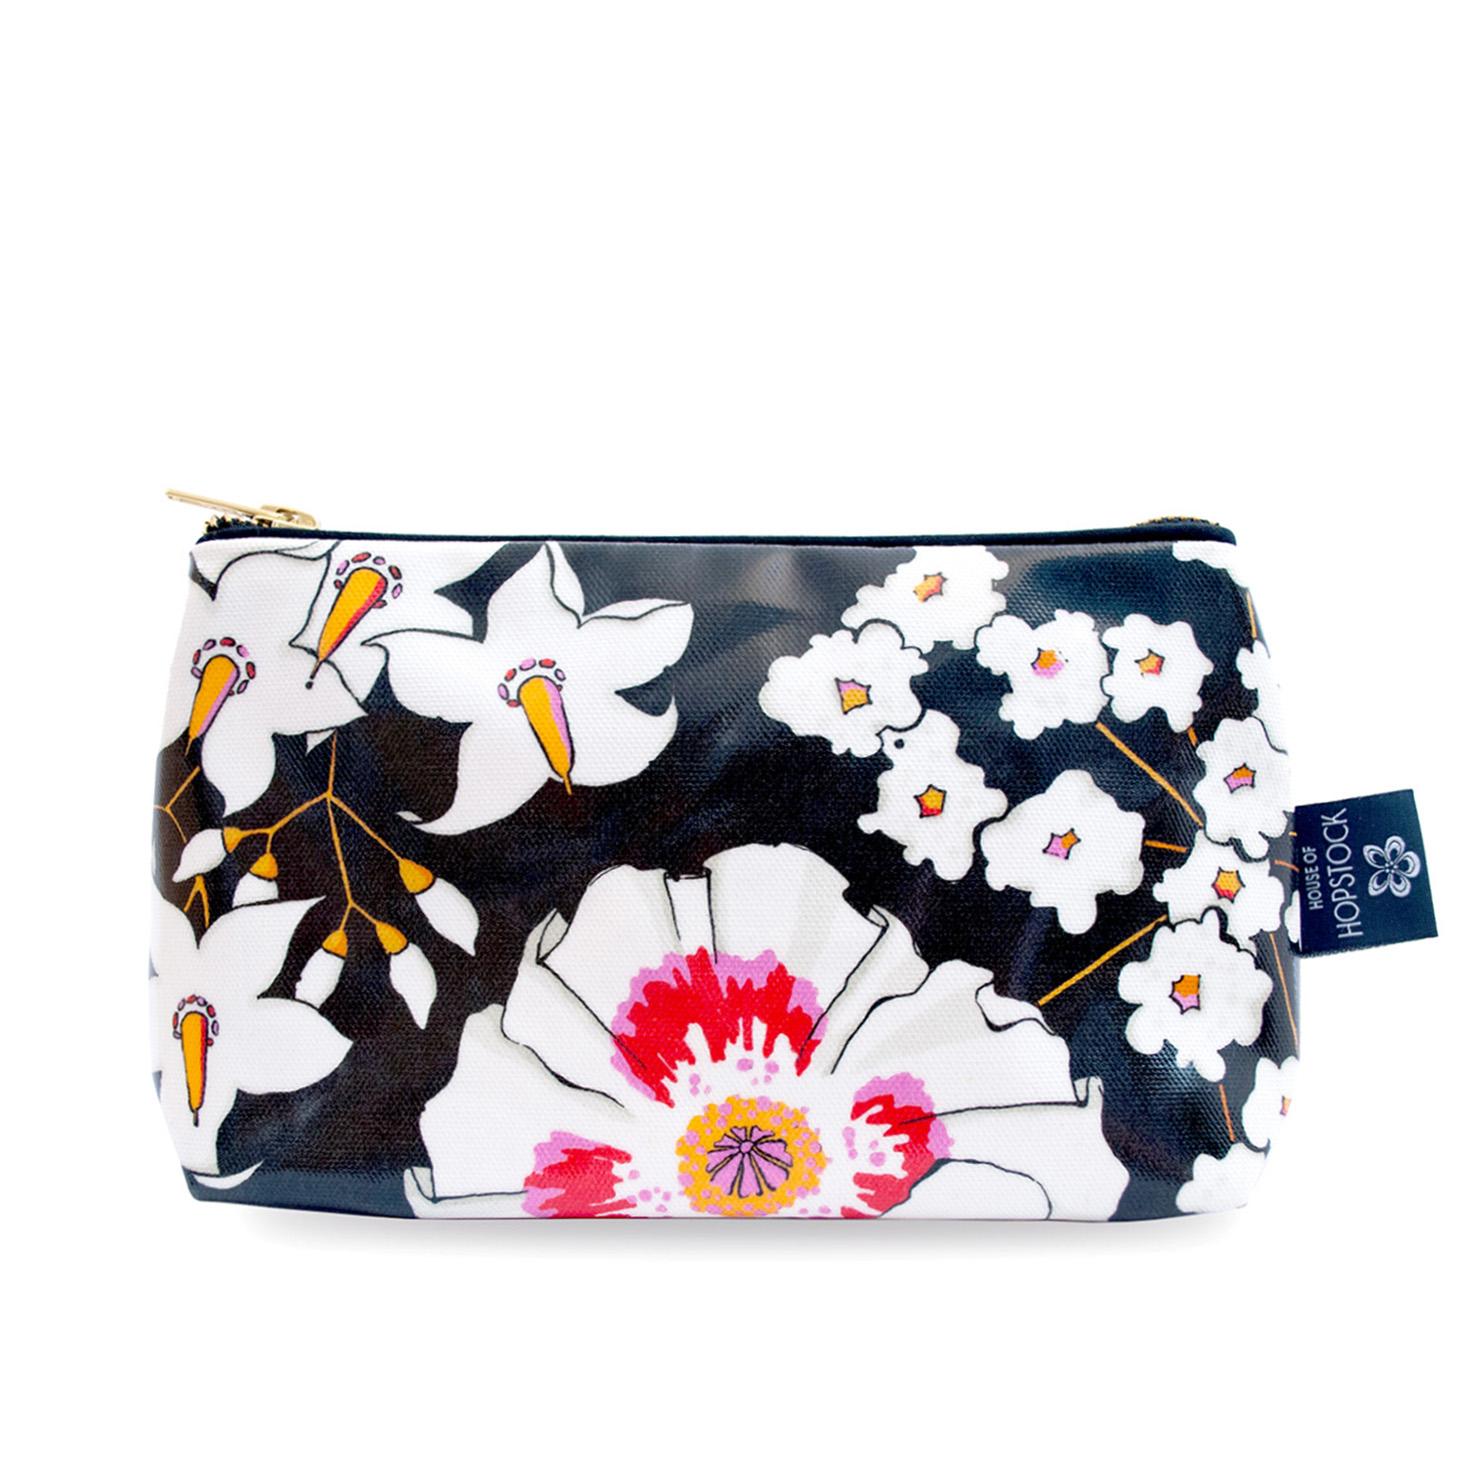 Floral Print Wash Bag 'Deadly Bloom' Medium